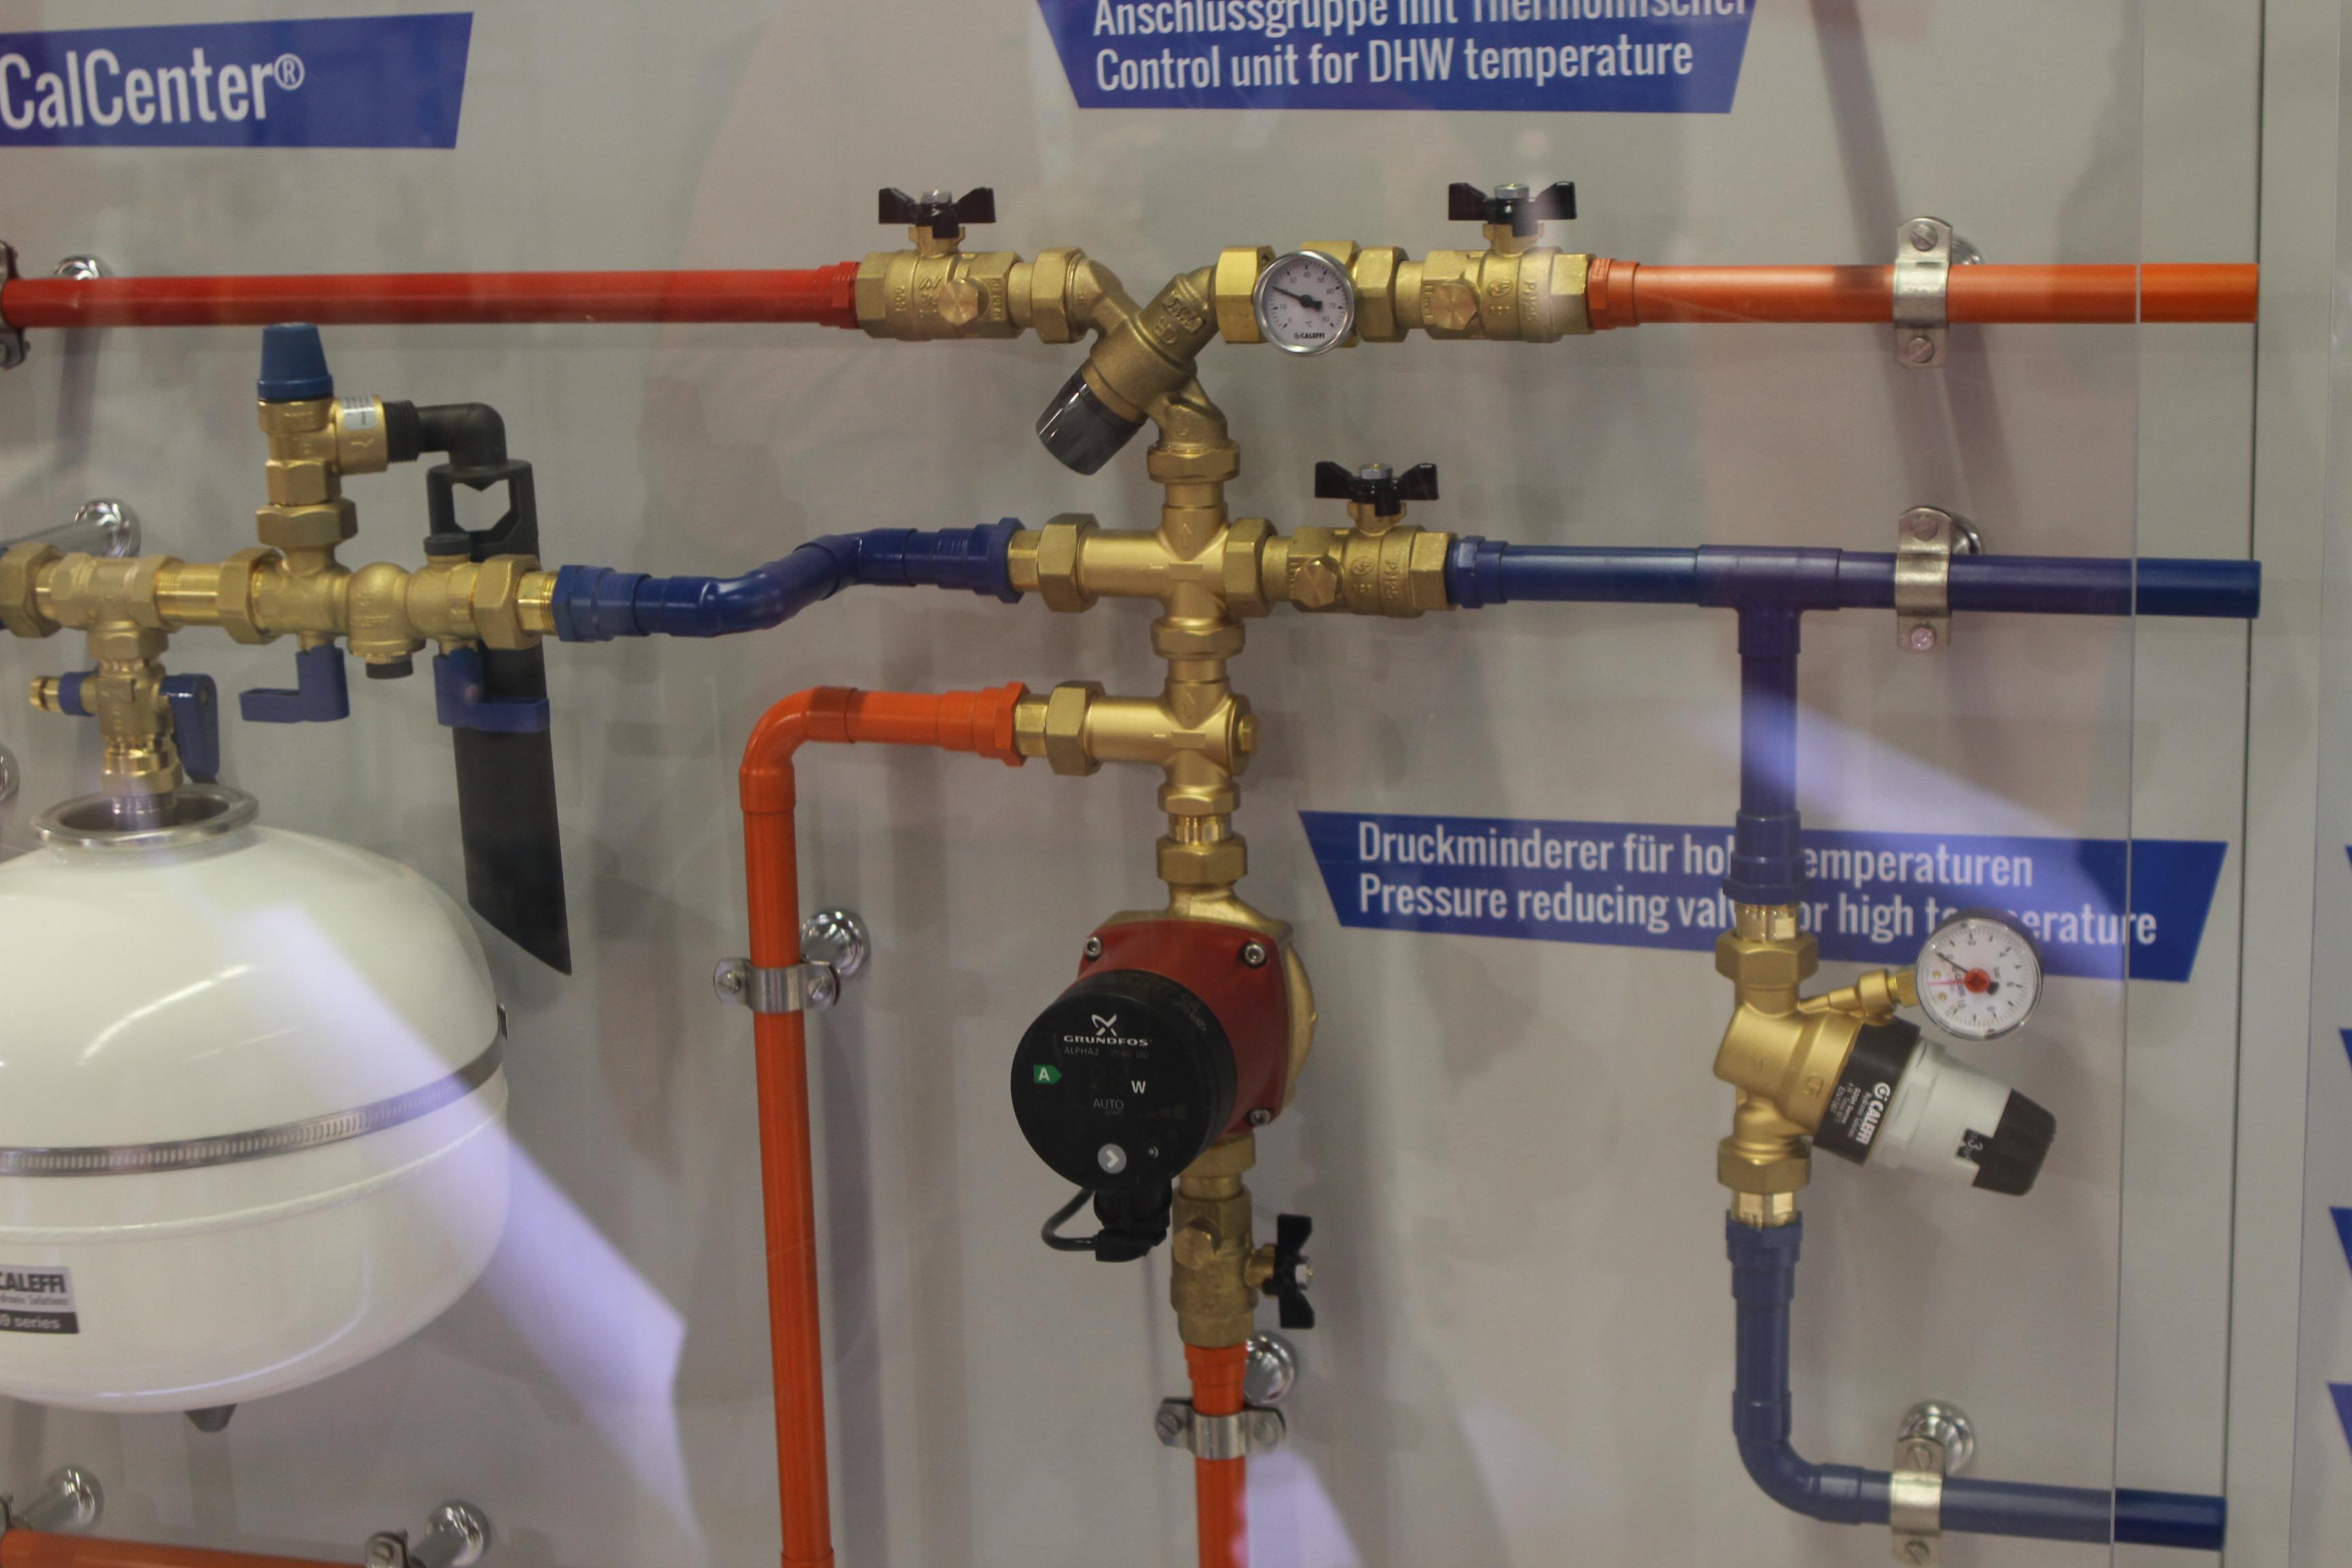 Verlichting Badkamer Led ~ Appendages voor drinkwaterbeveiliging  Installatie nl